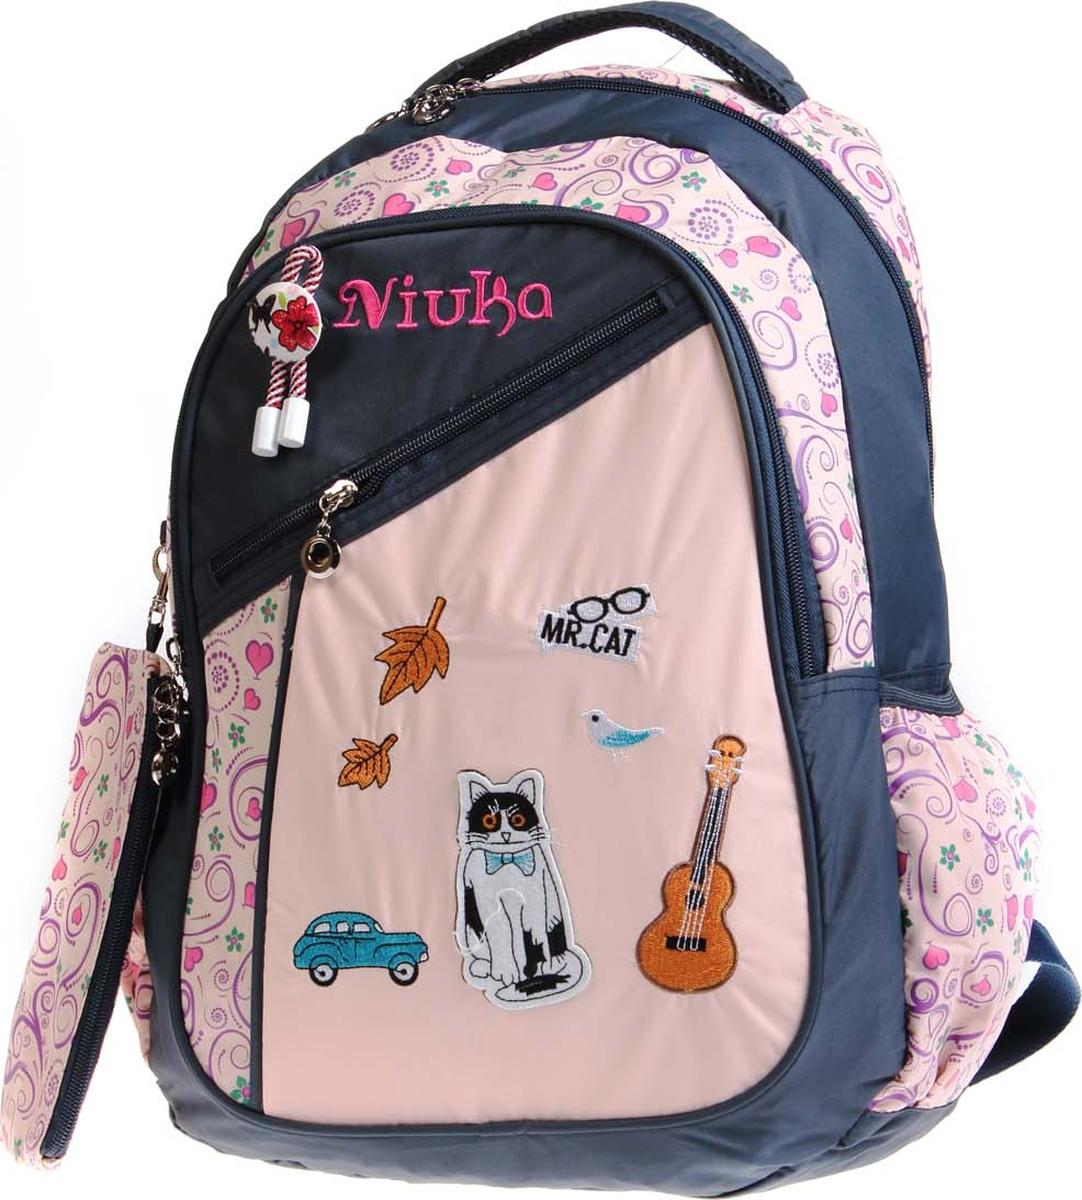 Фото - Vittorio Richi Рюкзак детский с наполнением цвет темно-серый бежевый K05NK172 vittorio richi рюкзак детский с наполнением цвет черный бежевый k05rn171